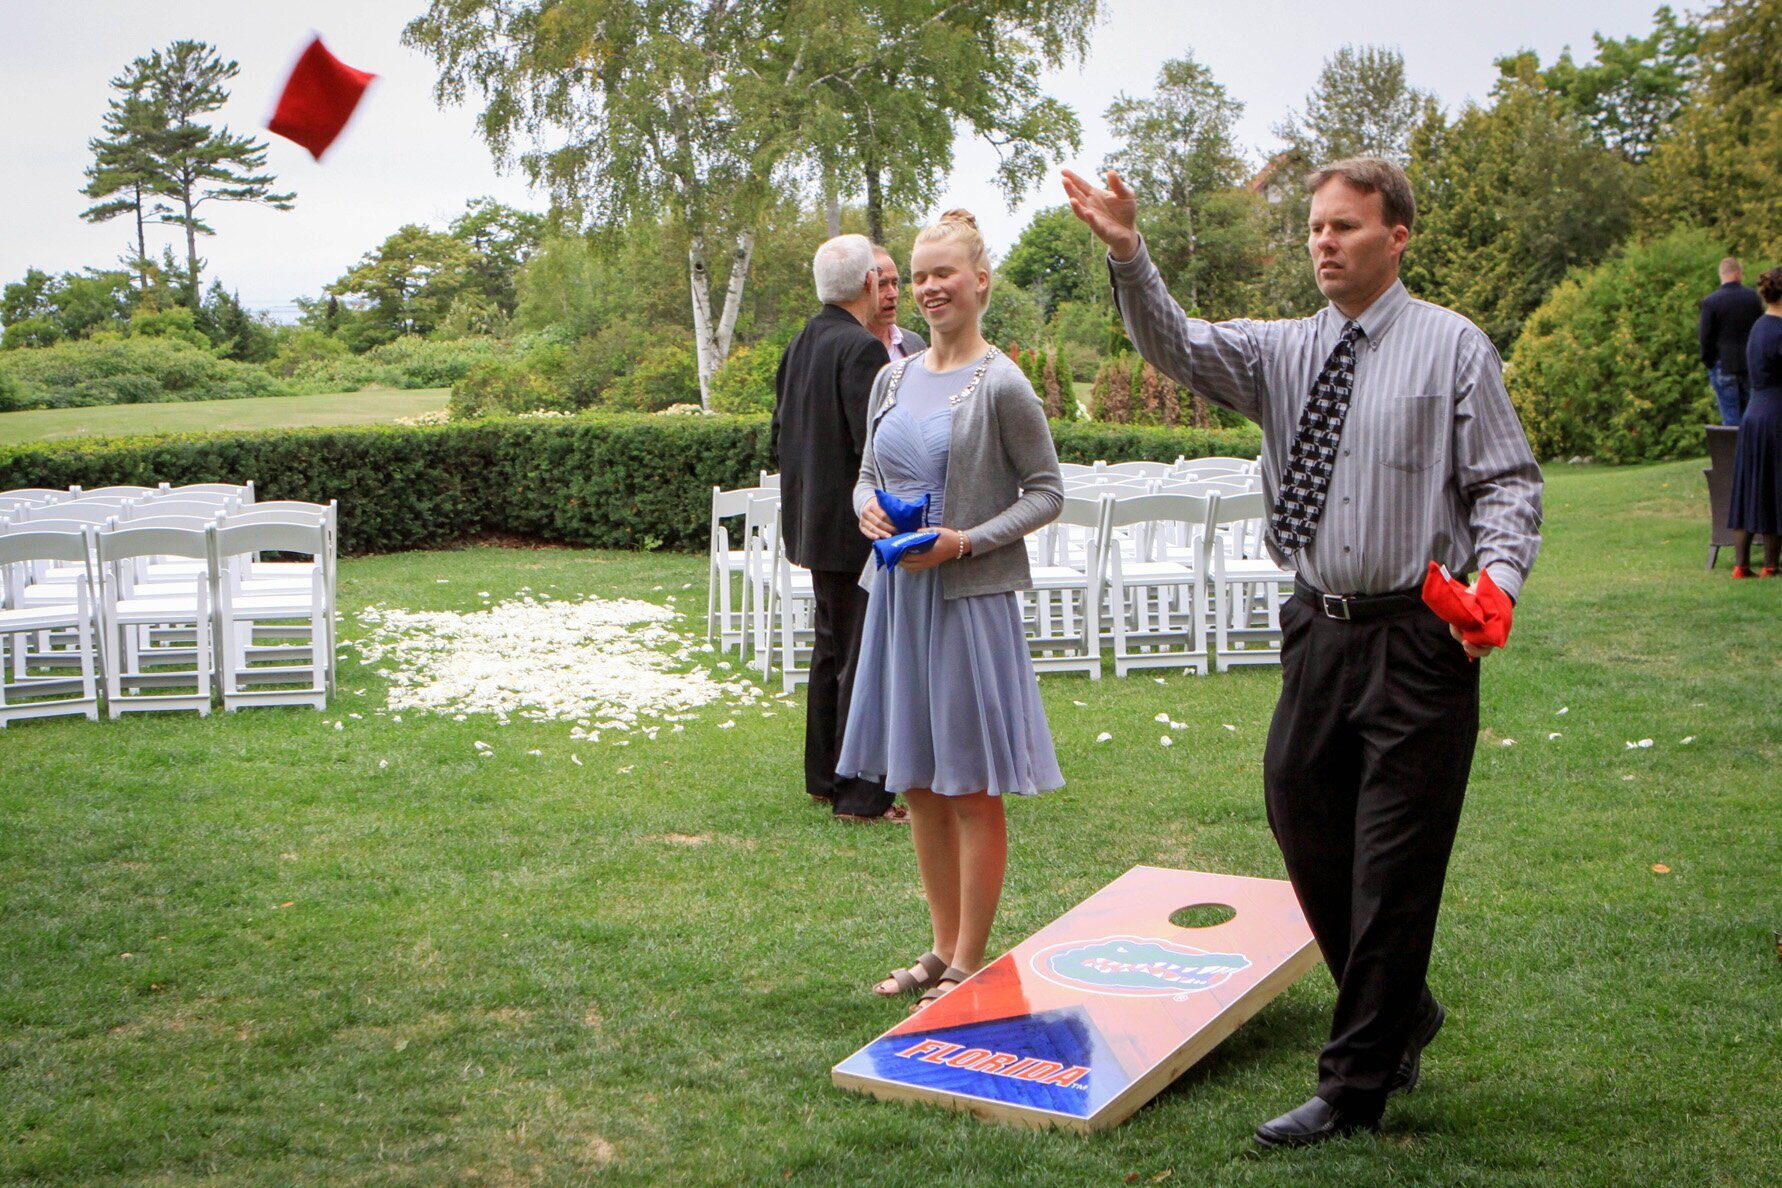 a47_Stonecliffe Wedding.jpg